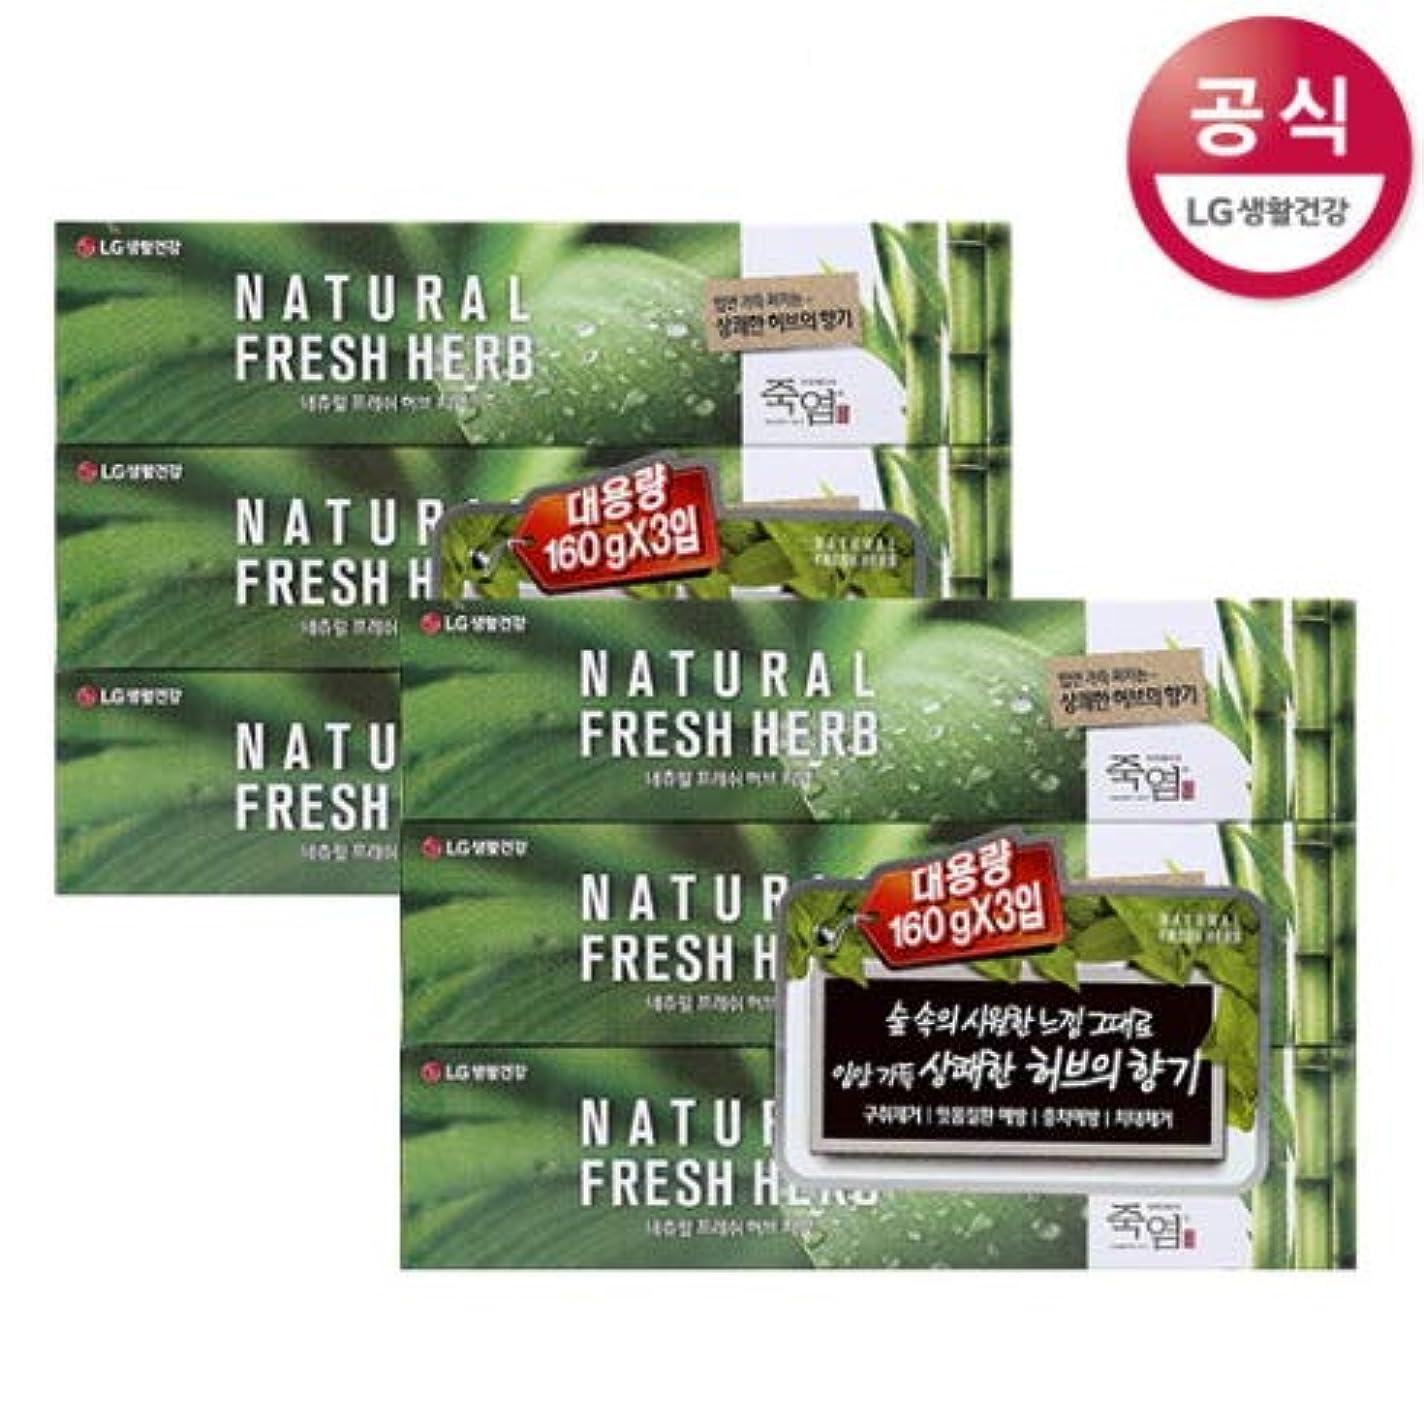 世界バクテリア線[LG HnB] Bamboo Salt Natural Fresh Herbal Toothpaste/竹塩ナチュラルフレッシュハーブ歯磨き粉 160gx6個(海外直送品)